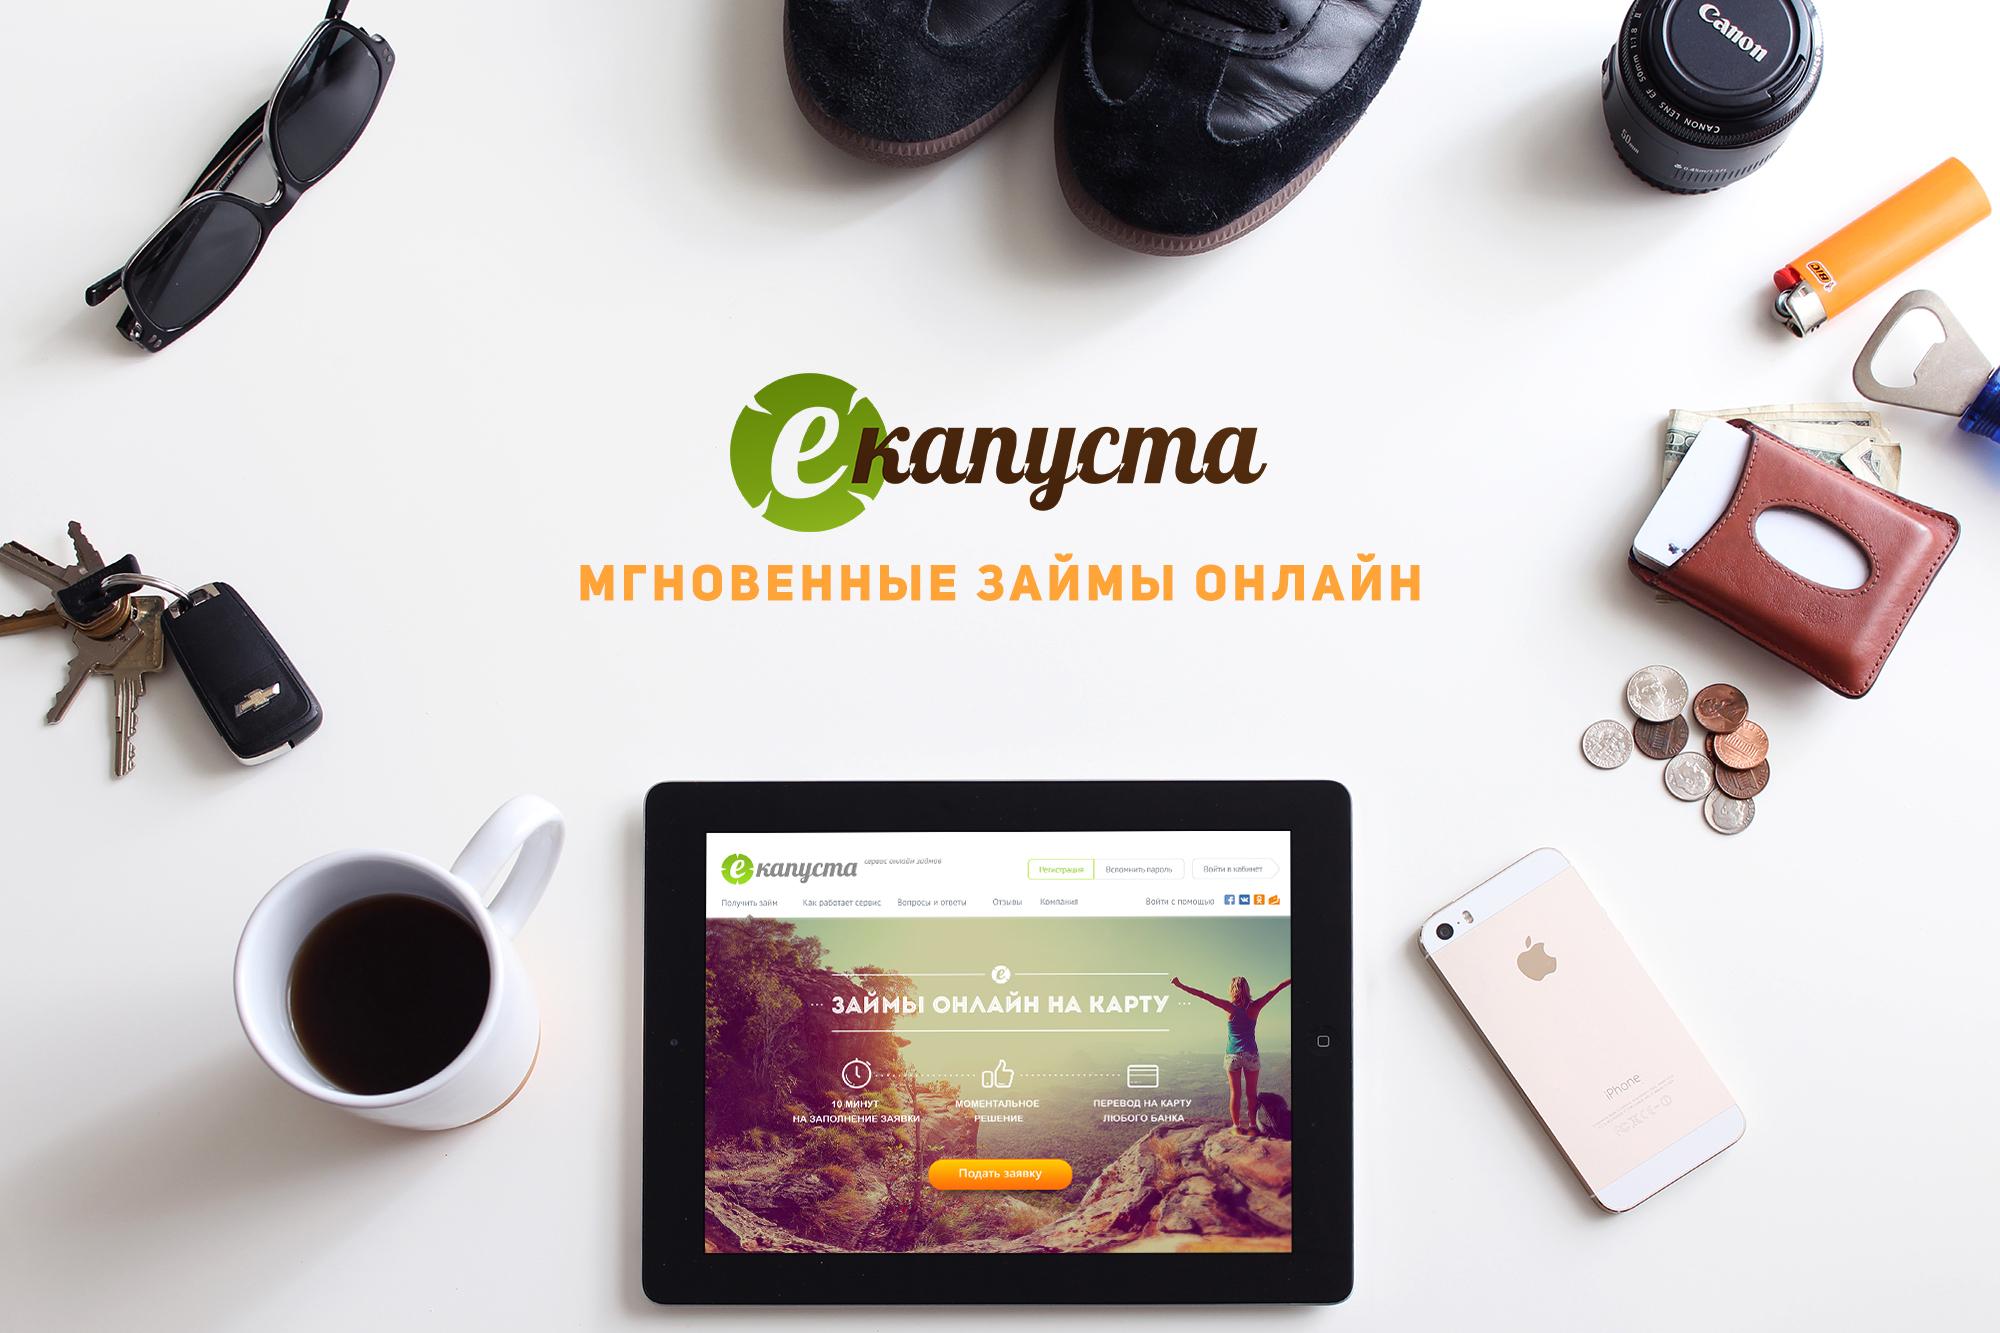 zajm-dlya-ispravleniya-kreditnoj-istorii_9